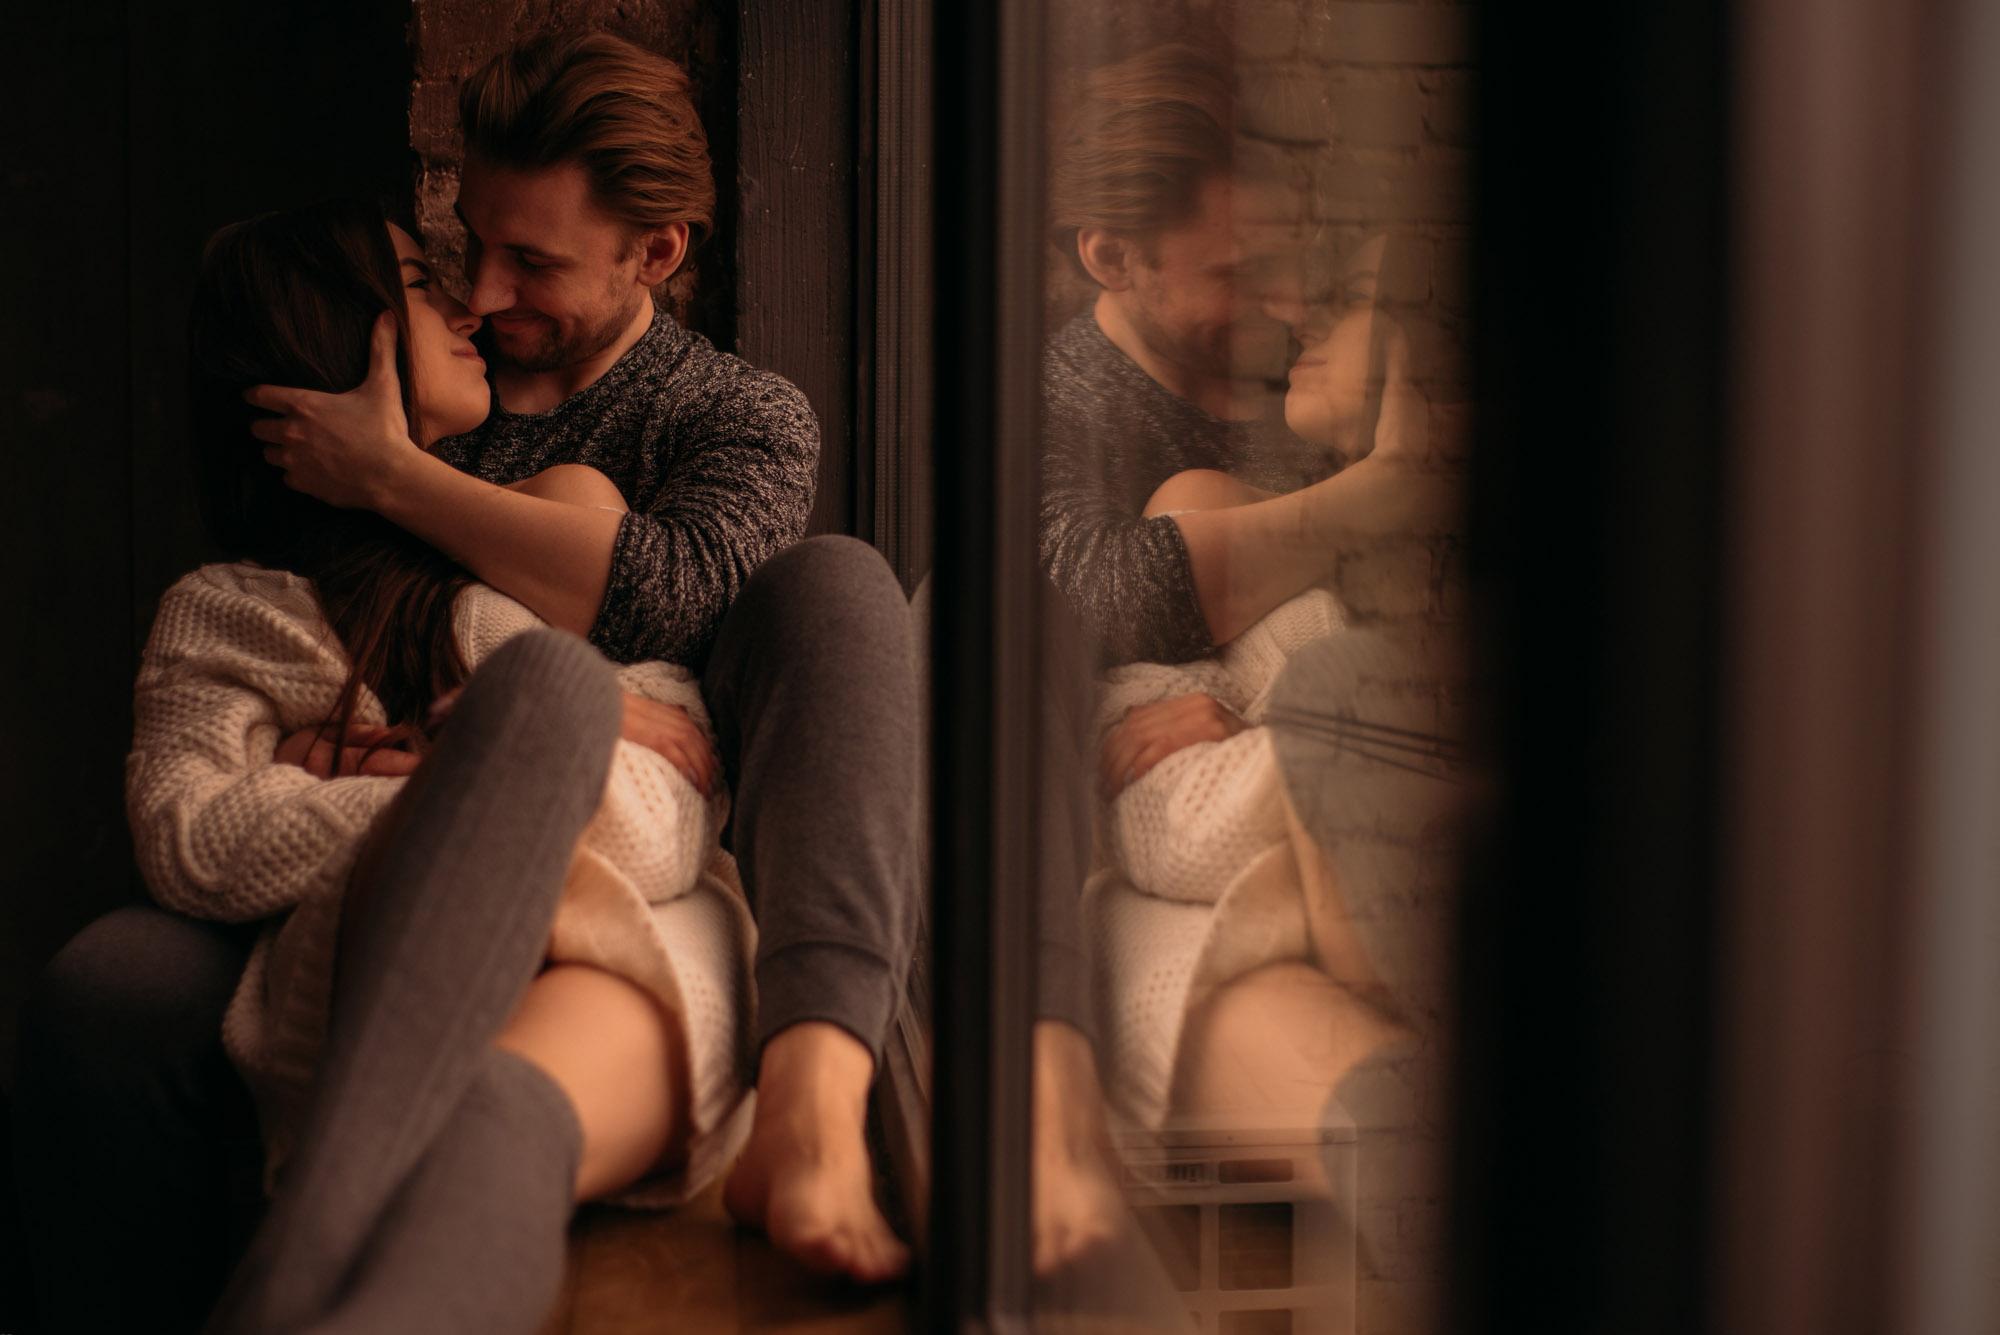 Фотосессия Love Story в студии, девушка и парень обнимаются на подоконнике